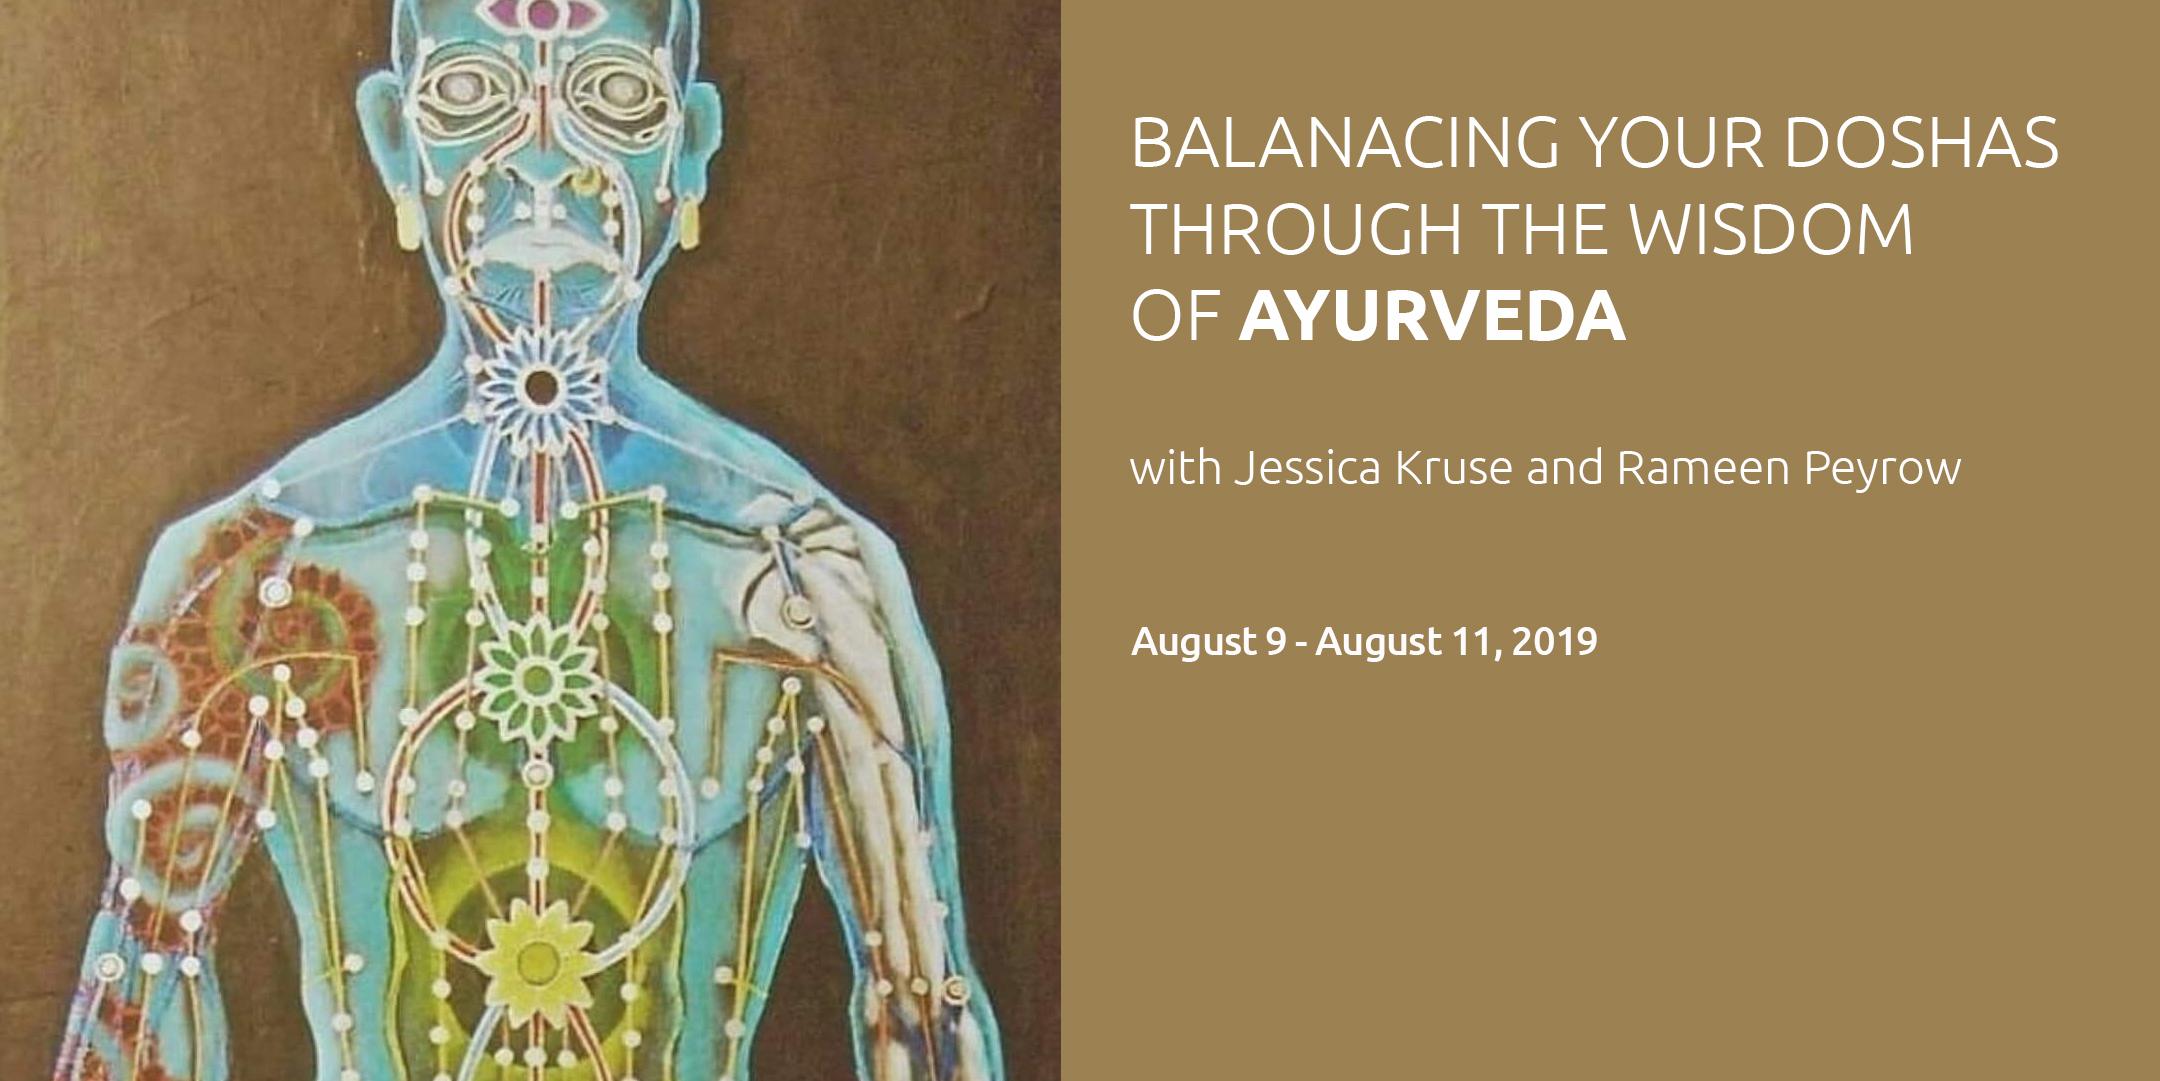 ayurveda-workshop-banner-no-button.jpg